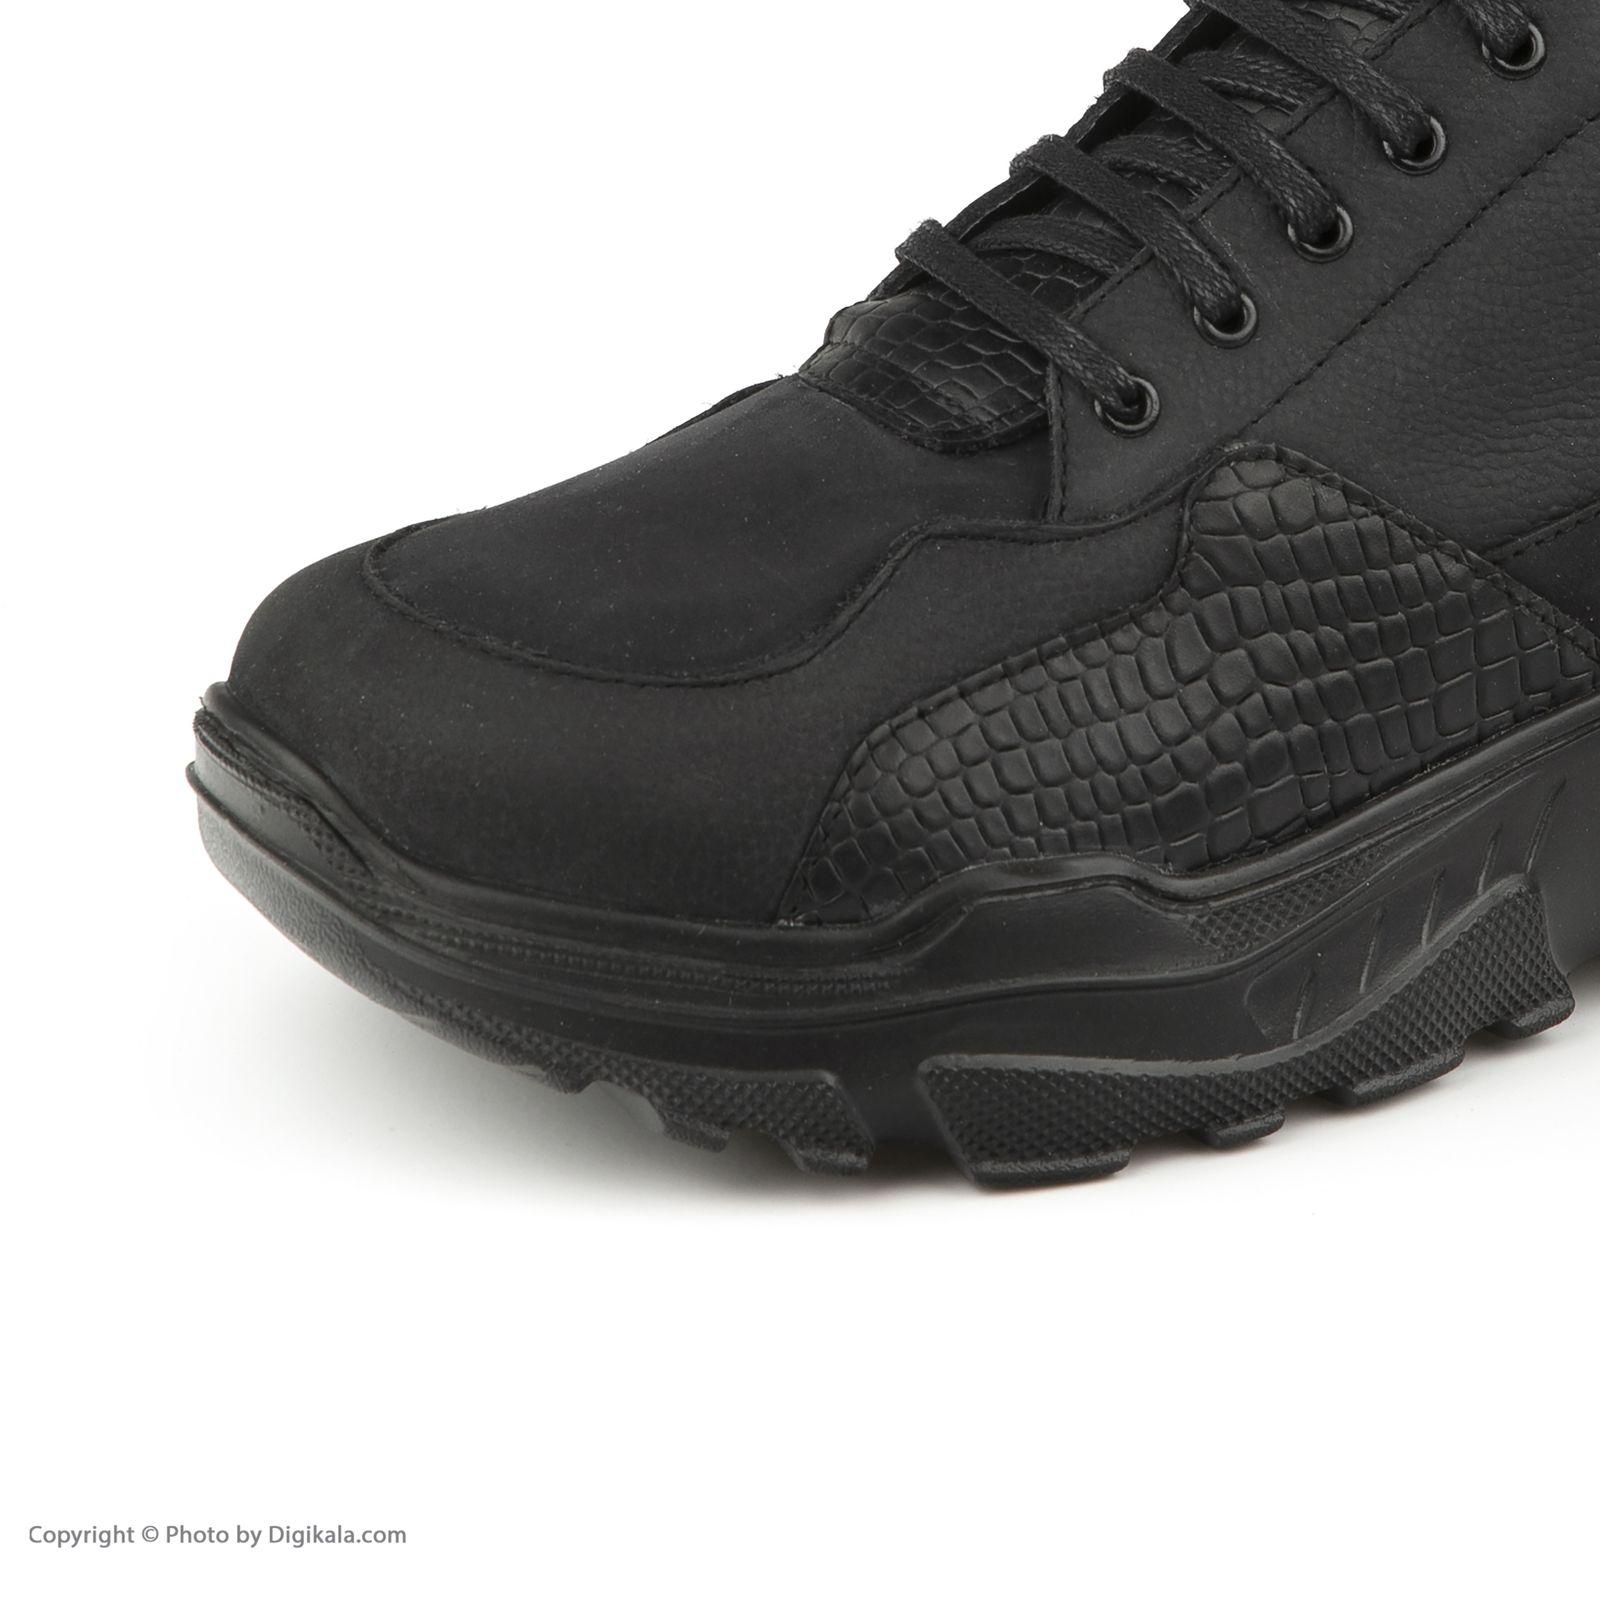 کفش روزمره زنانه دنیلی مدل Armila-242070716030 -  - 6